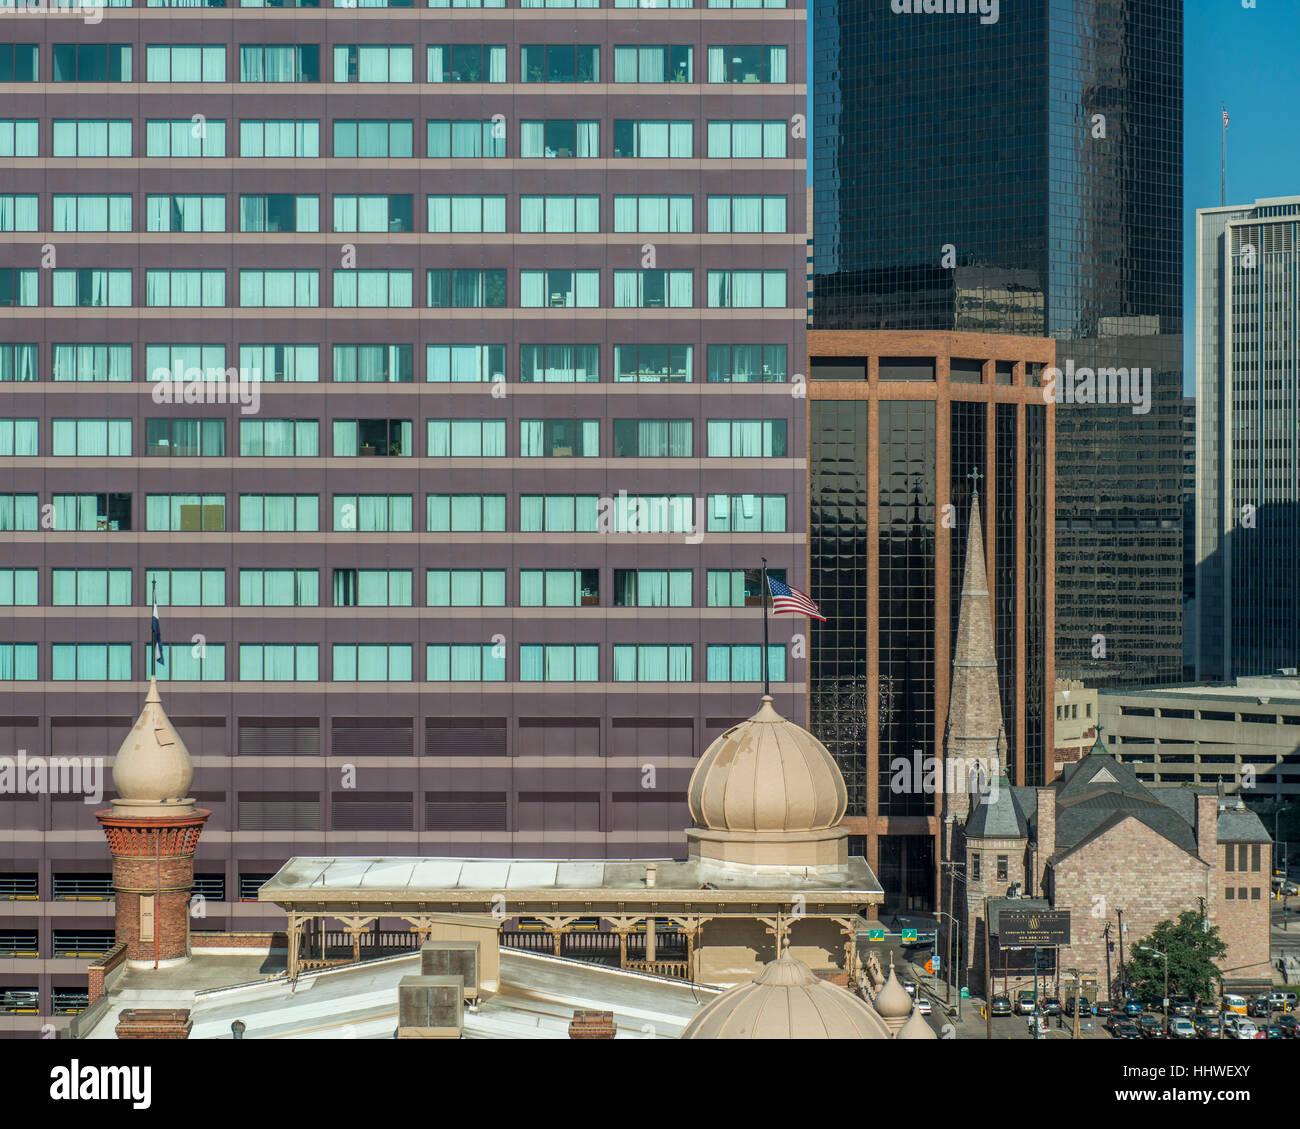 Masonic Temple Building Denver Colorado: Scottish Rite Masonic Building Stock Photos & Scottish